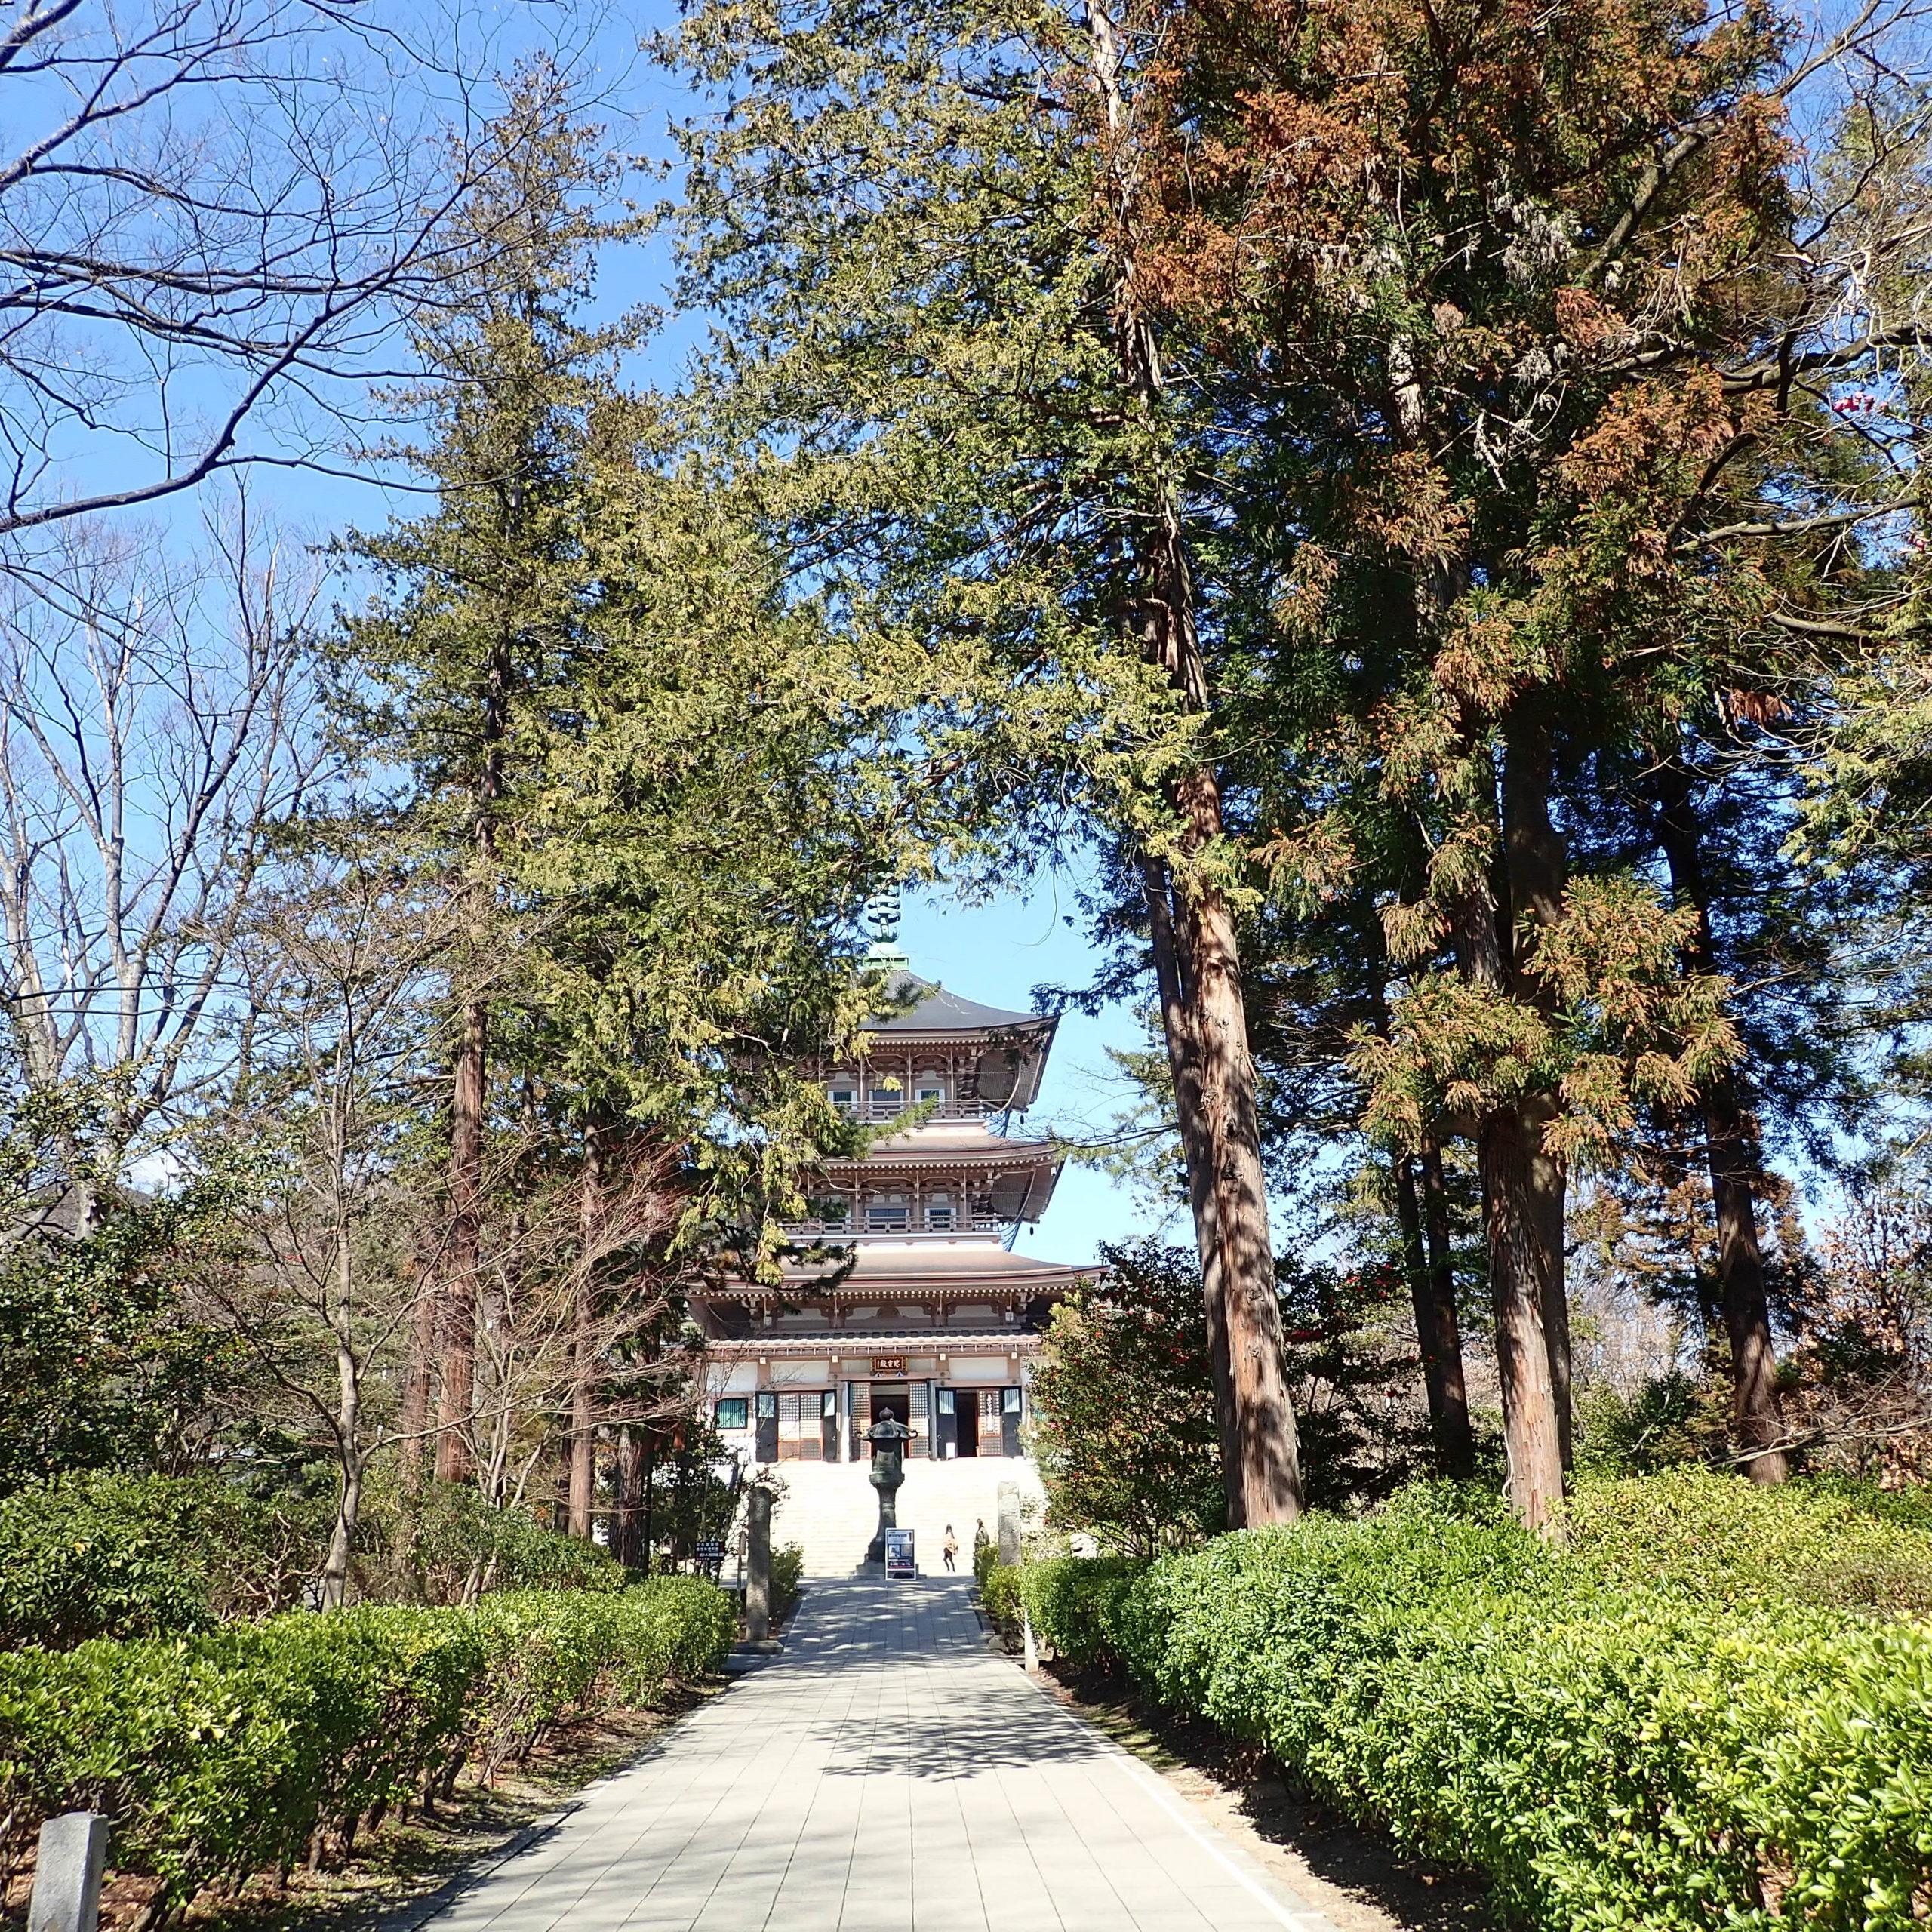 善光寺の境内にある三重塔日本忠霊殿・善光寺資料館